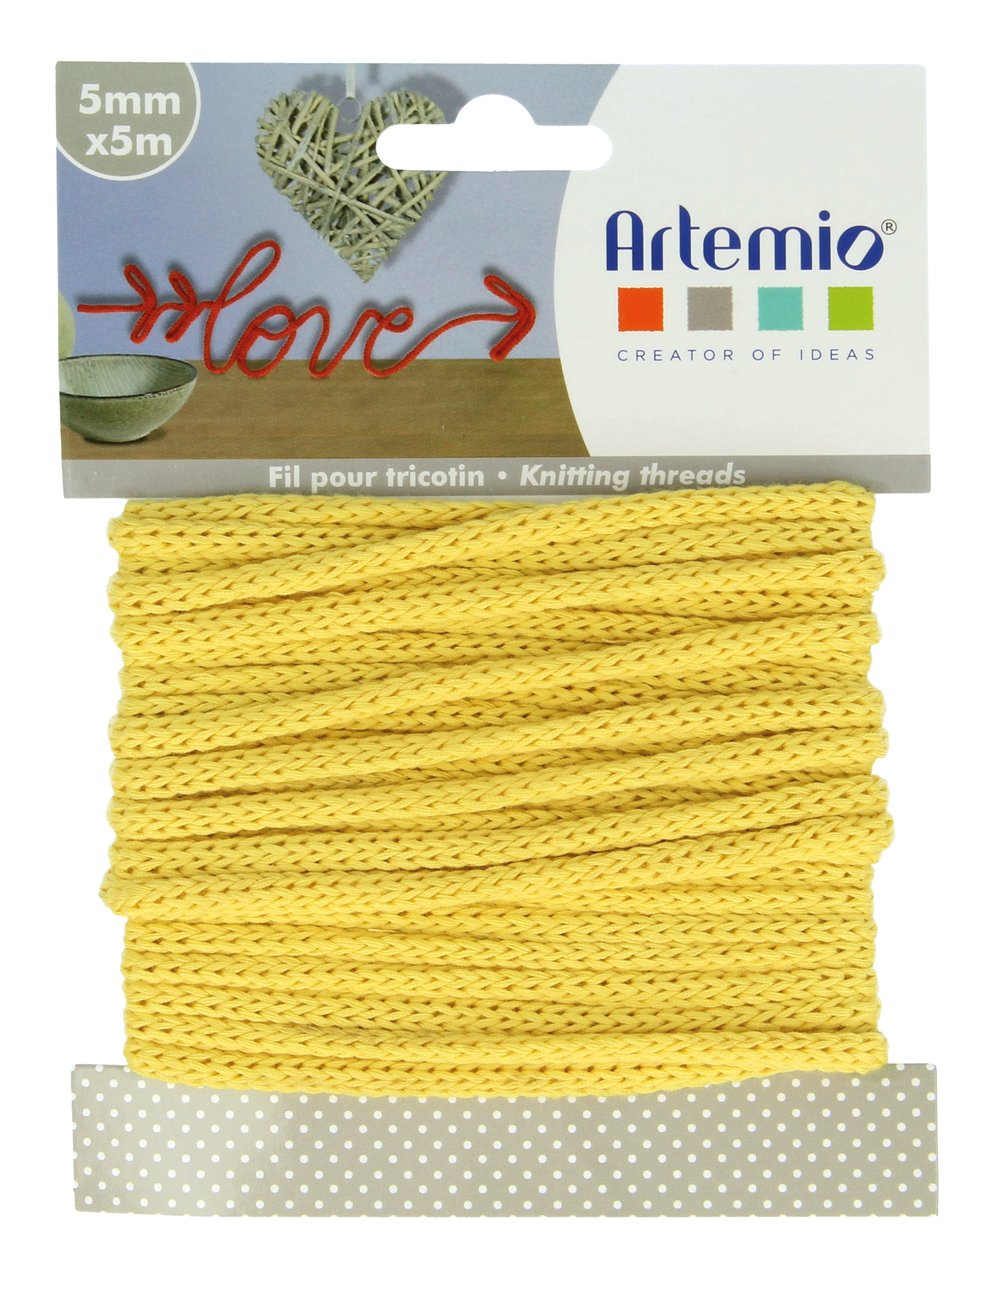 Artemio 5 mm x 5 m Filato per lavori a Maglia Colore: Giallo